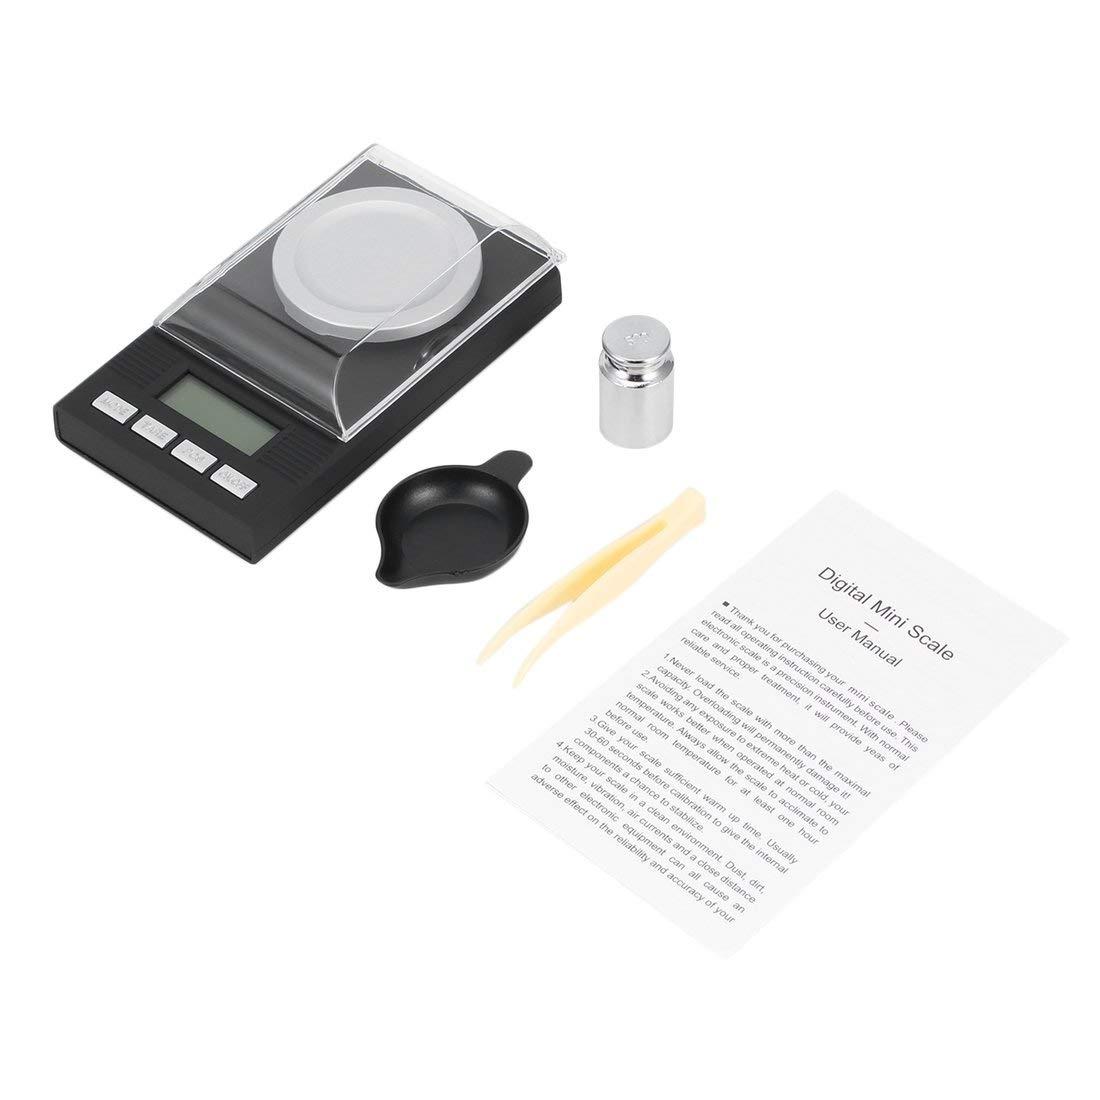 Bilancia digitale professionale ad alta precisione con schermo retroilluminato LCD 100 g / 0.001 g Bilancia portatile per gioielli Formulaone